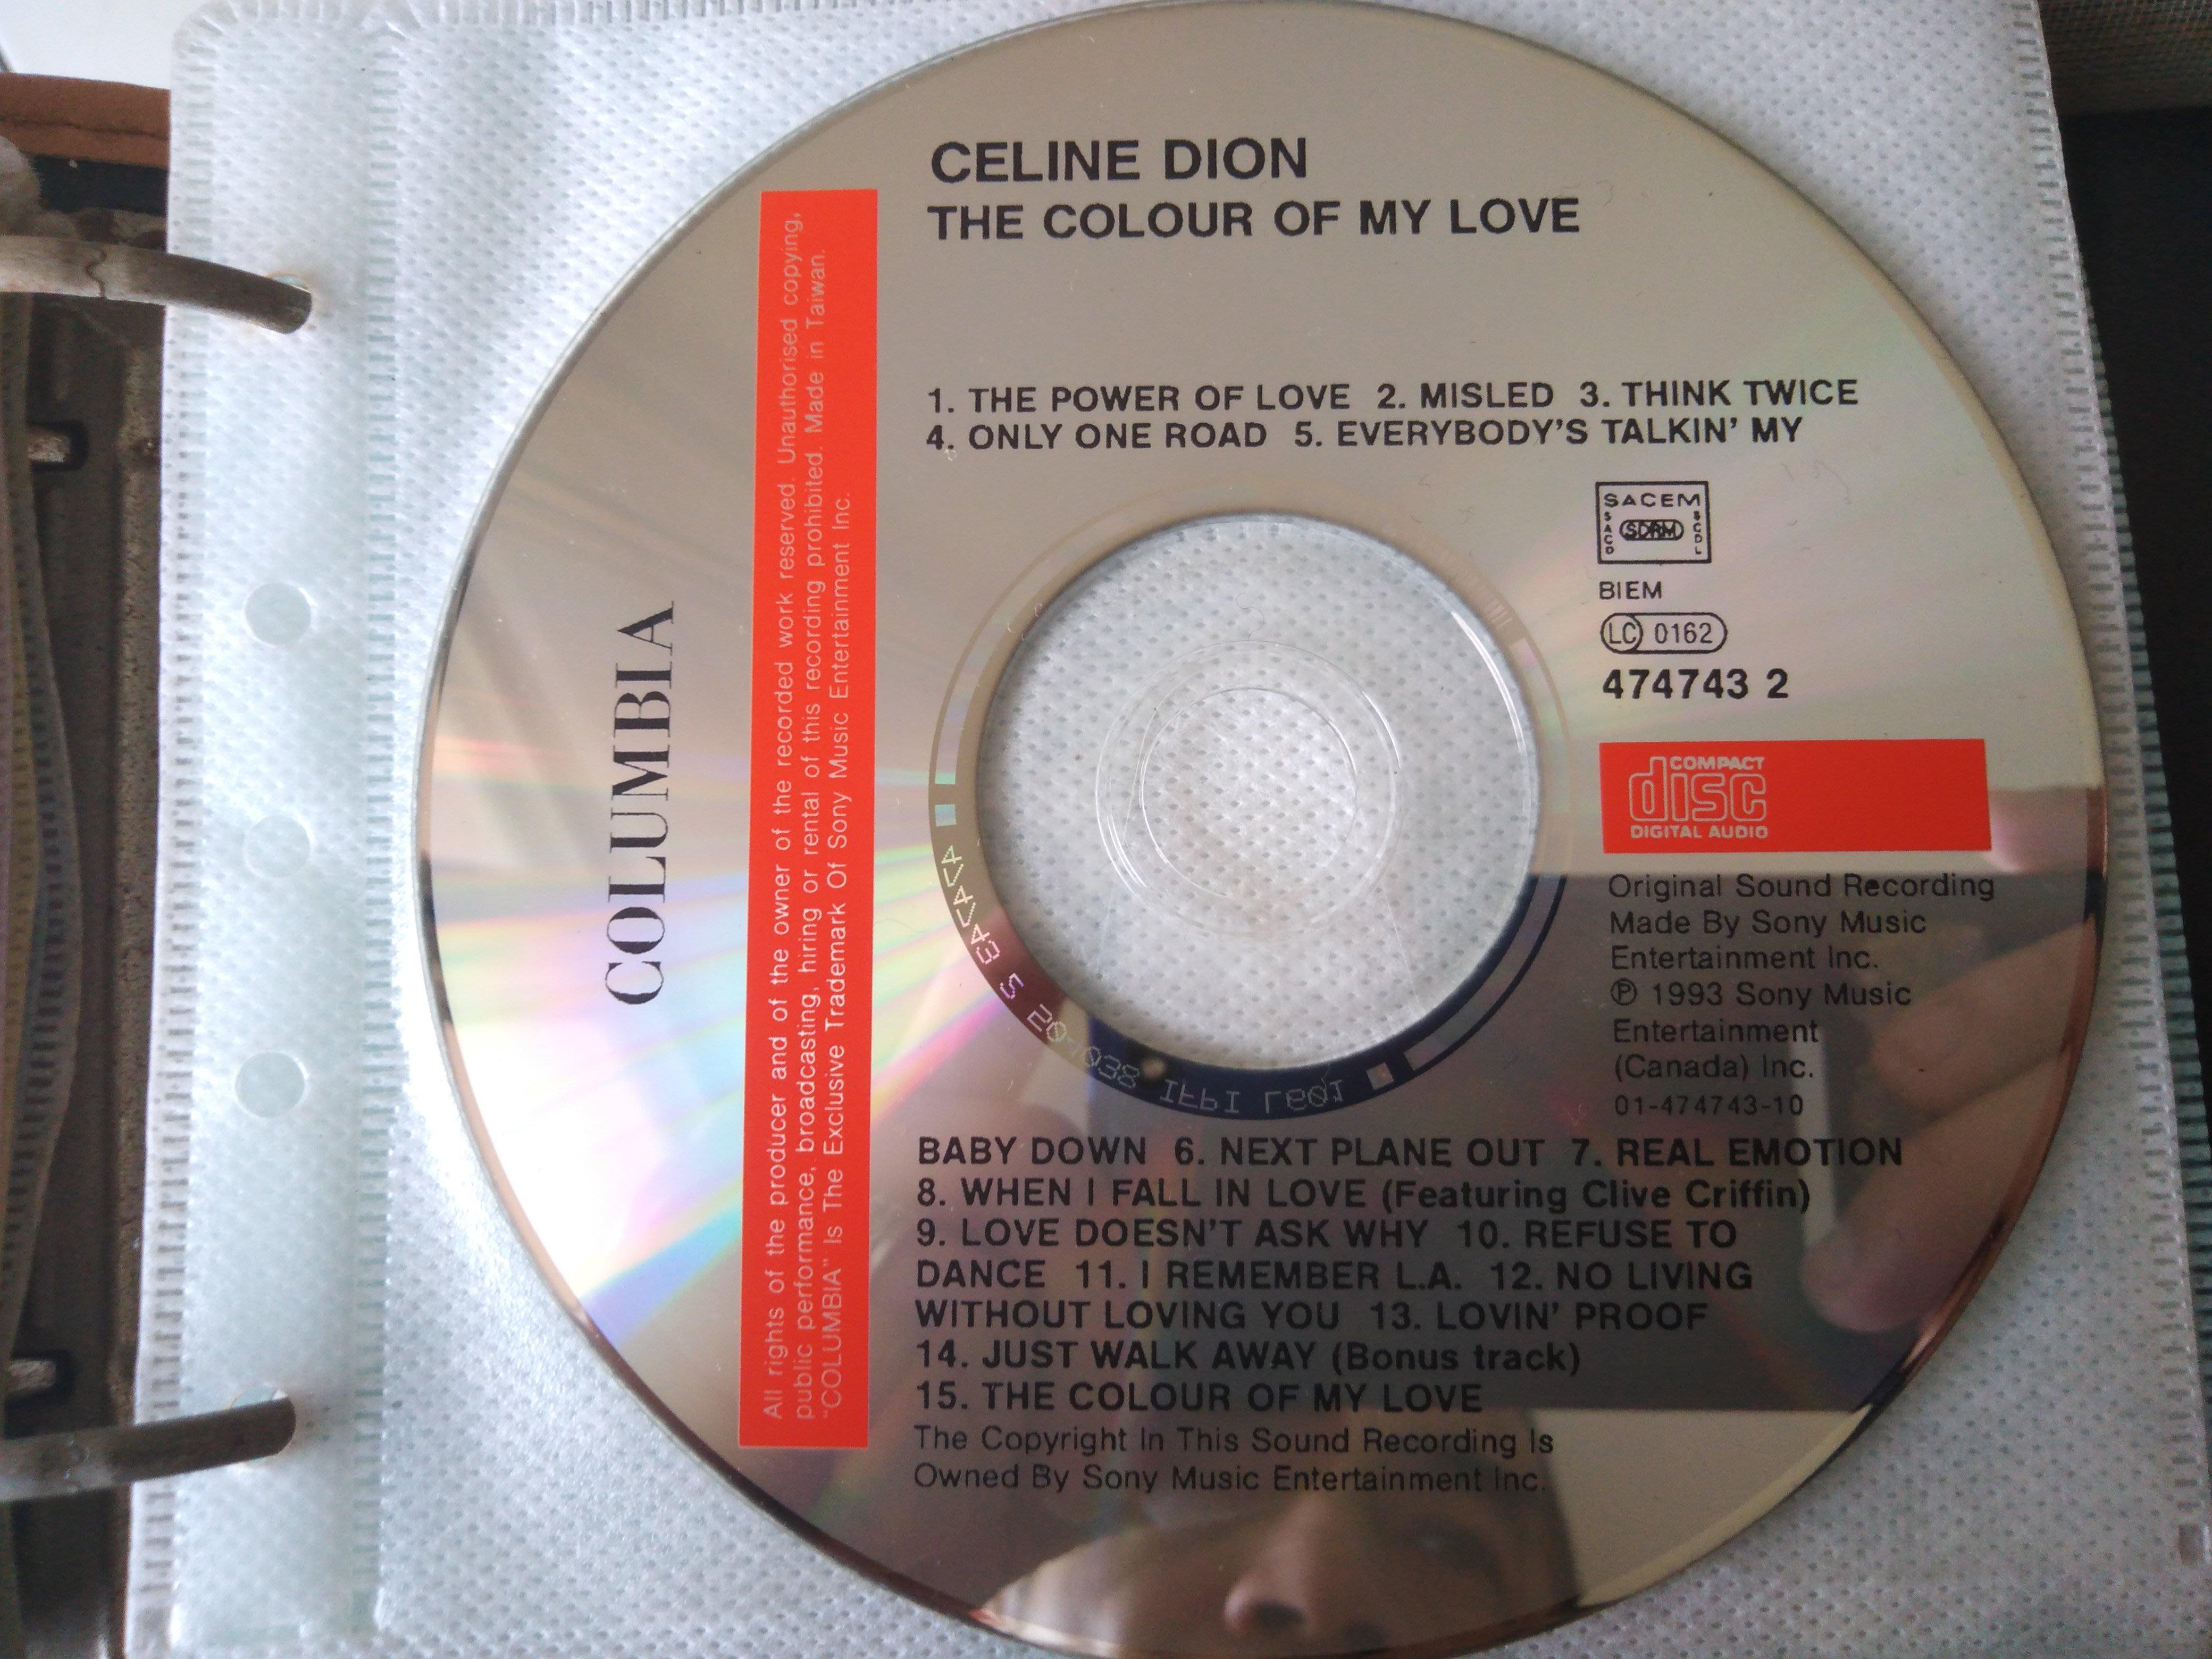 二手CD裸片 ~席琳狄翁Celine Dion (愛的顏色 ) CD 保存良好無刮